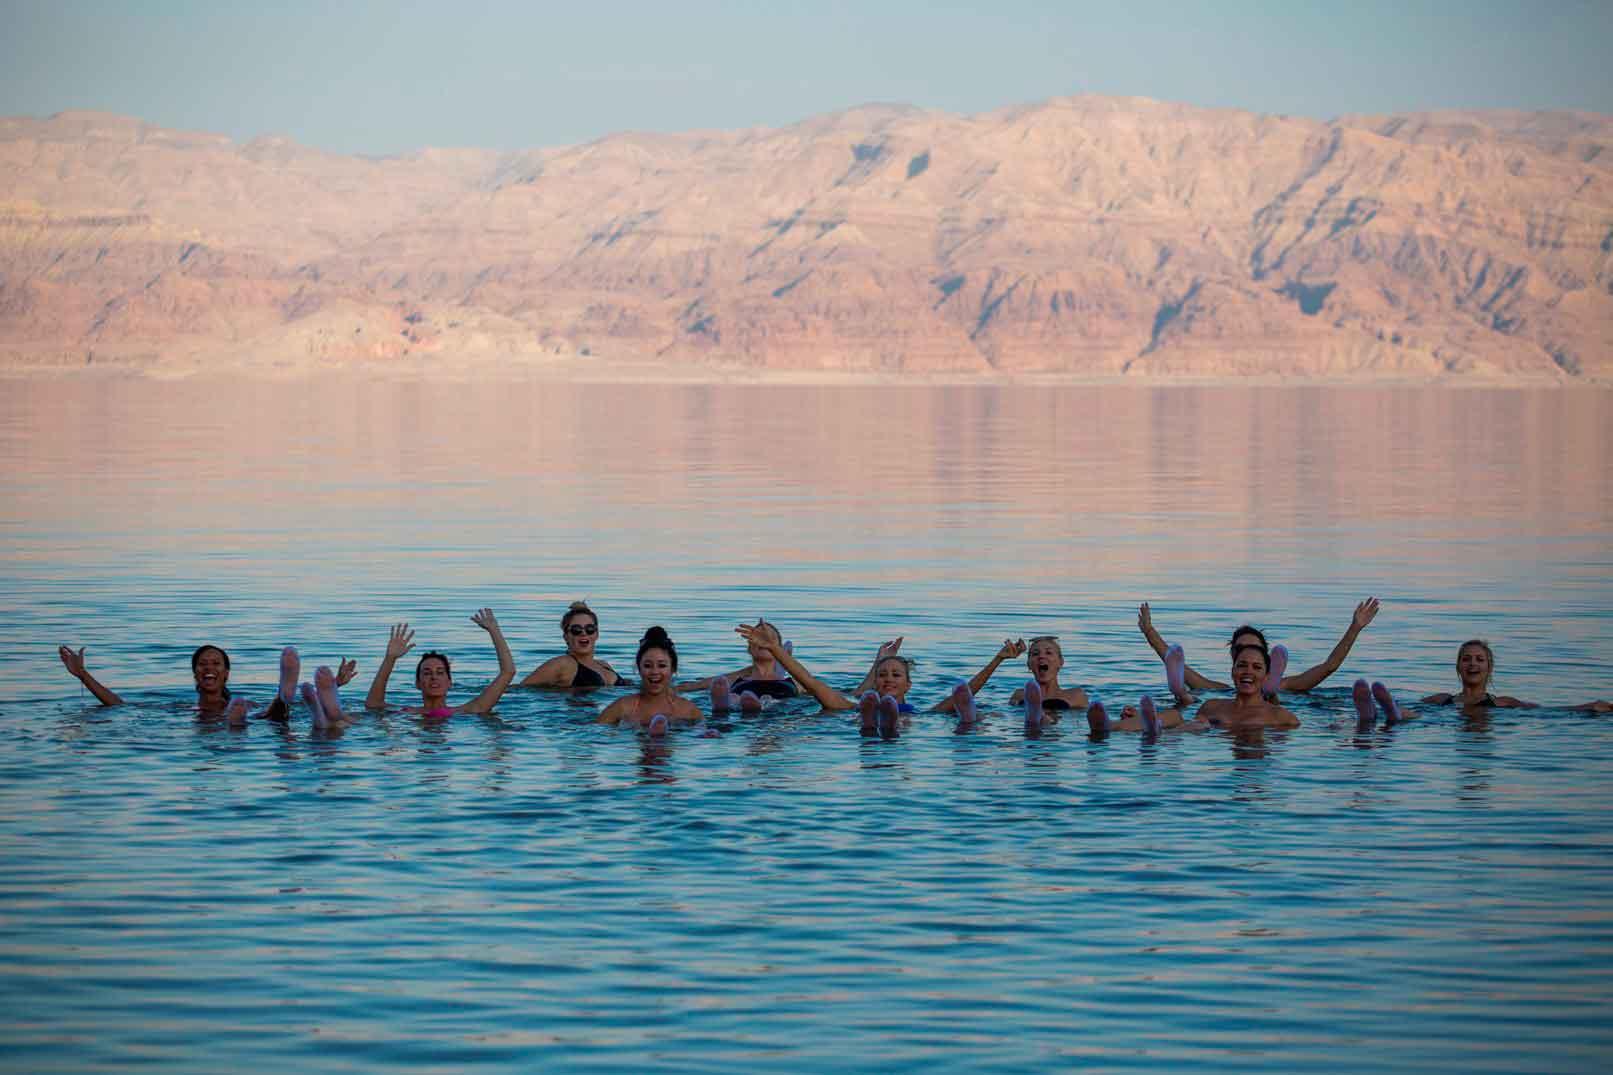 Deadsea-healing-powers,-people-swiming-in-dead-sea,-Israel